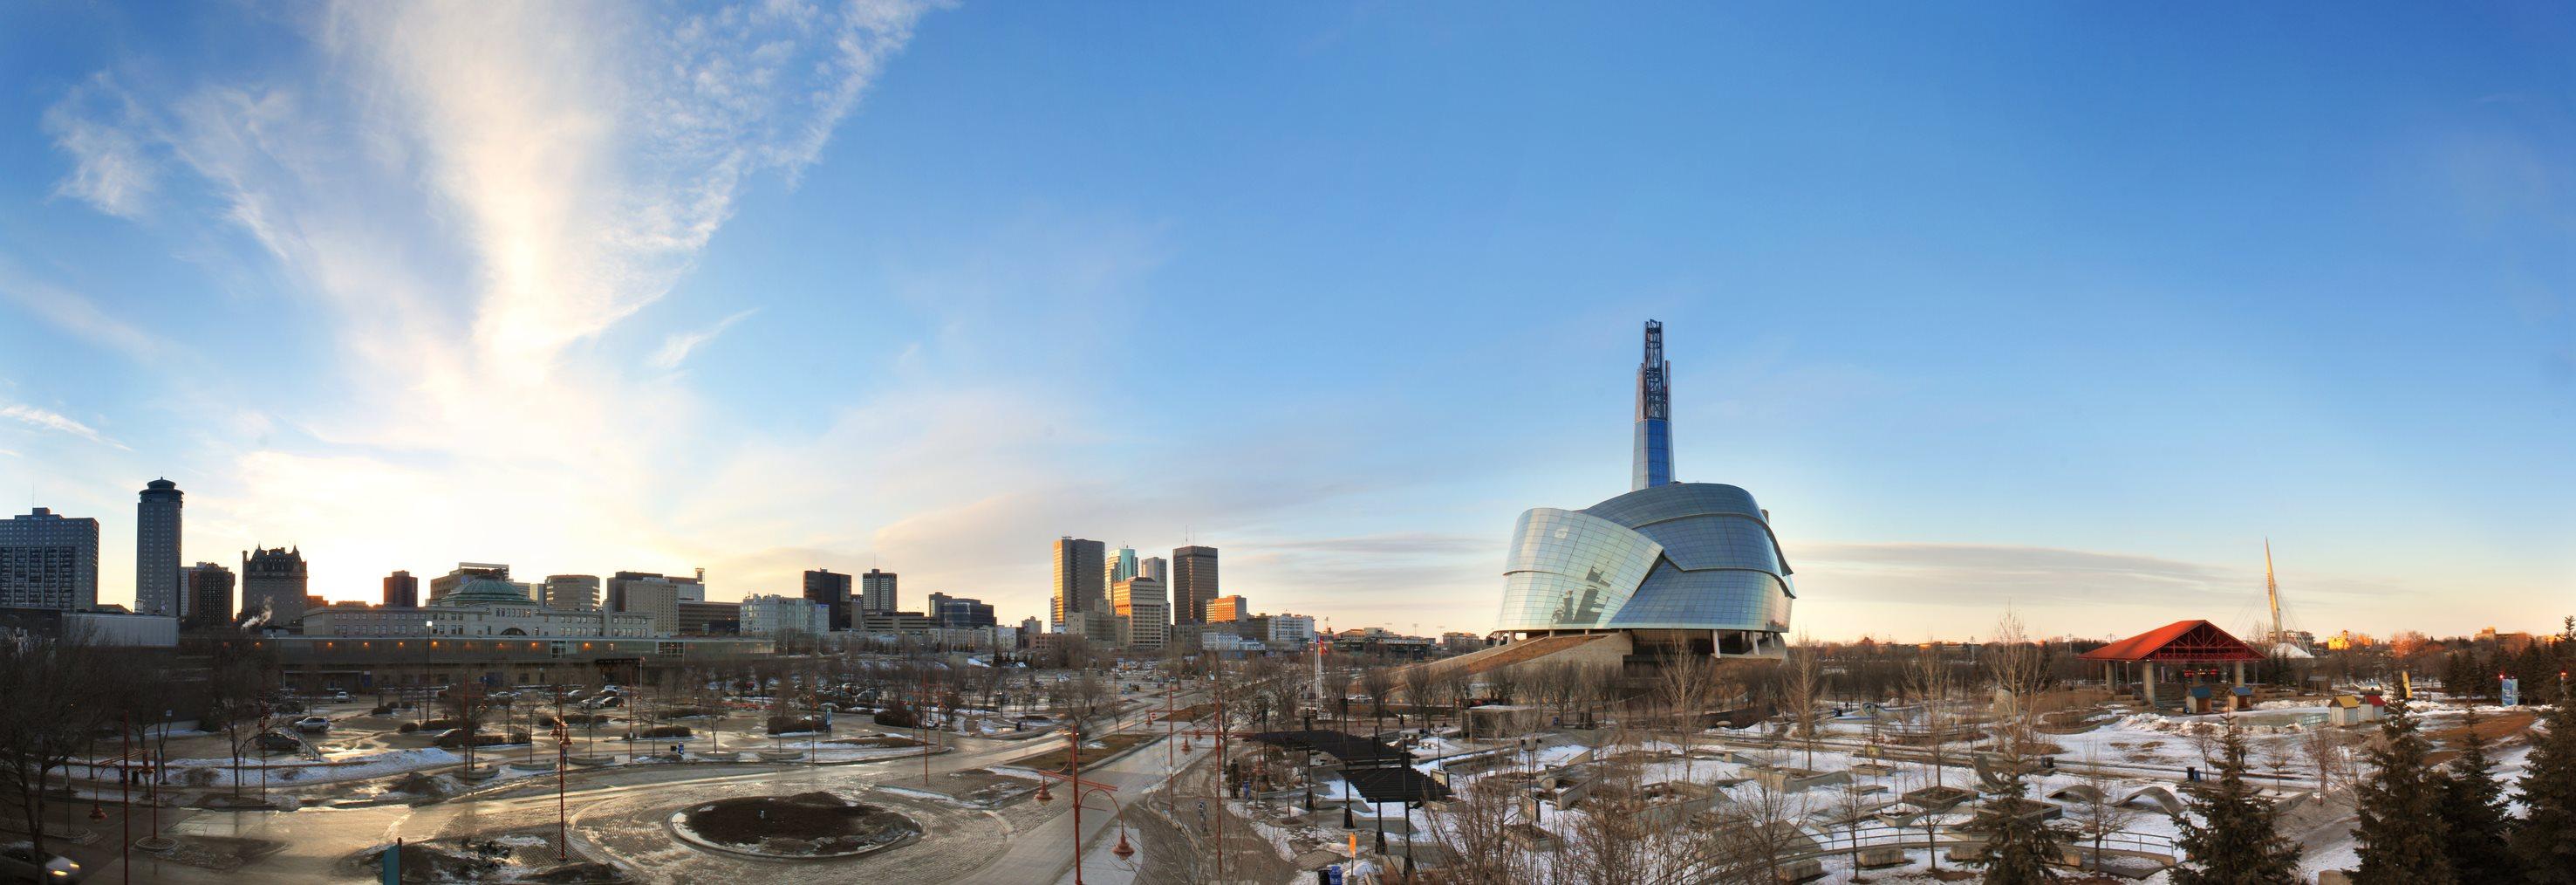 Winnipeg ILS Detail Page Banner 8